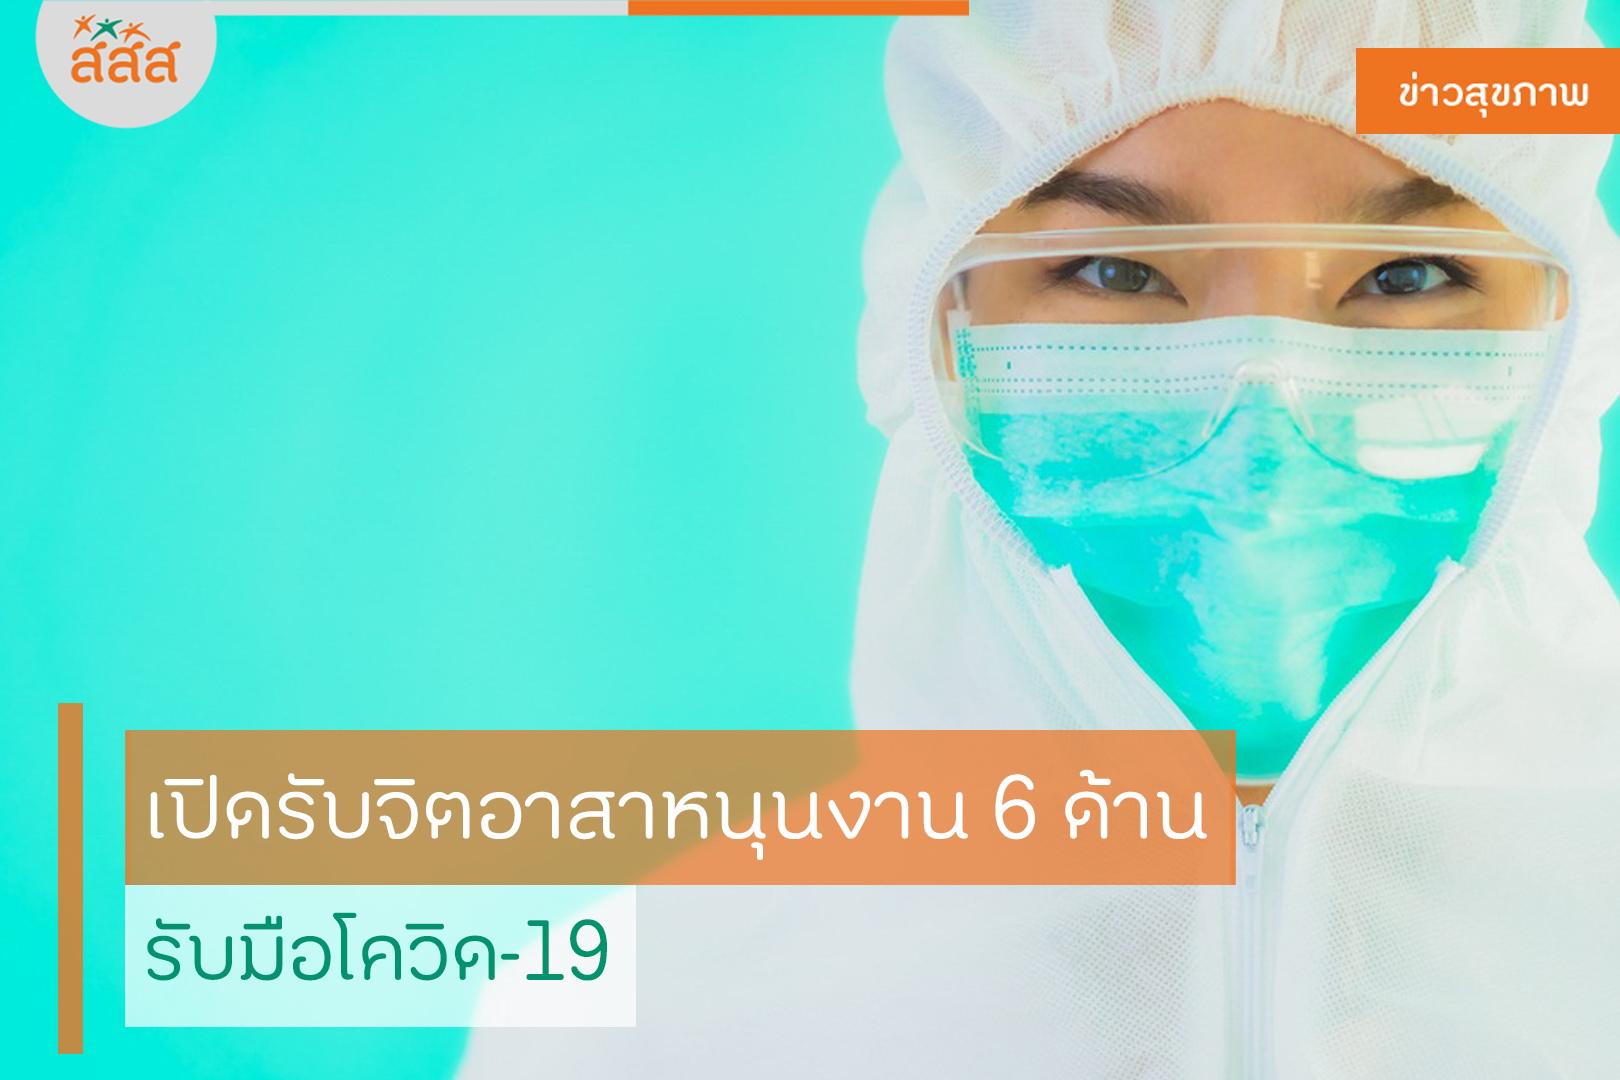 เปิดรับจิตอาสาหนุนงาน 6 ด้าน รับมือโควิด-19 thaihealth